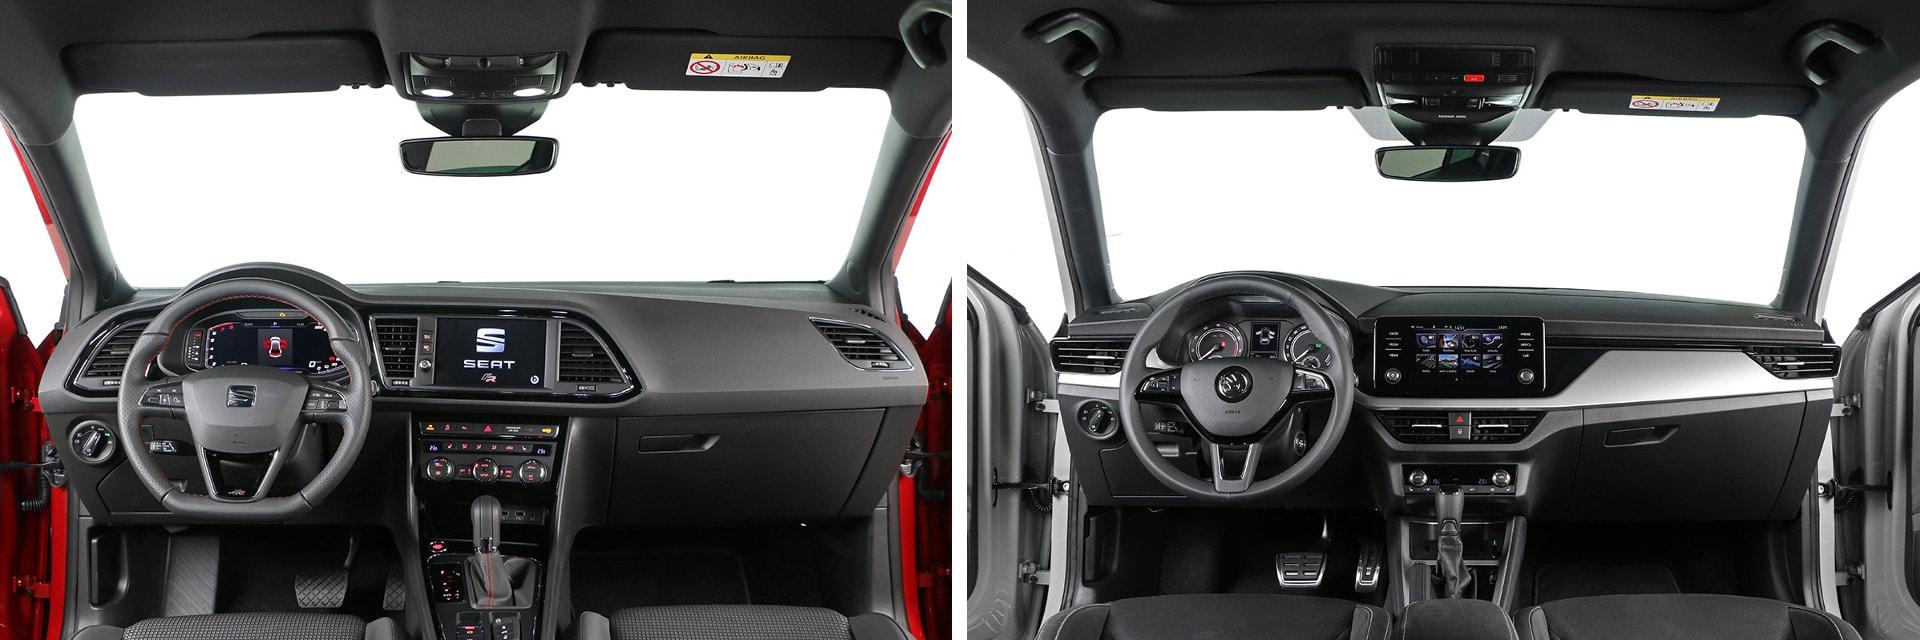 En ambos modelos es fácil encontrar una buena postura de conducción. El volante del SEAT (izq.) tiene la parte inferior achatada.